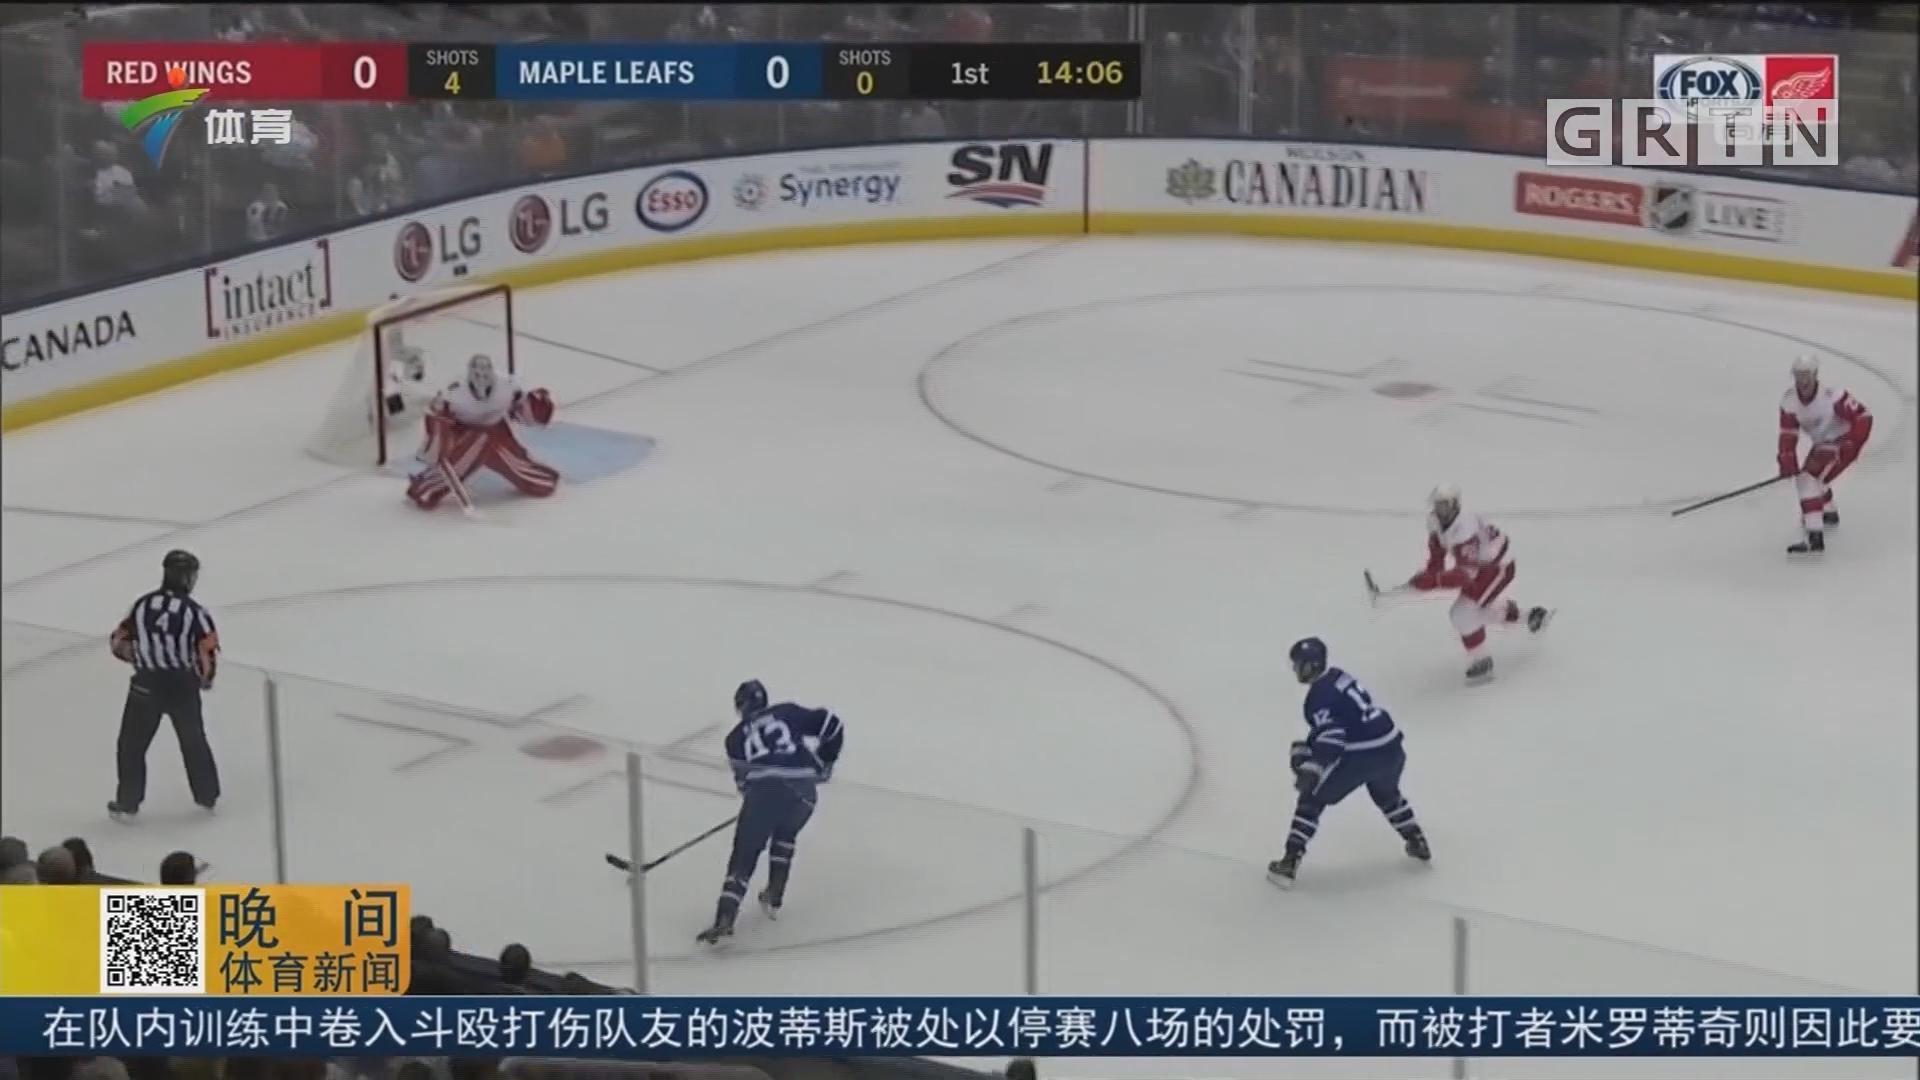 北美冰球大联盟今天继续展开争夺